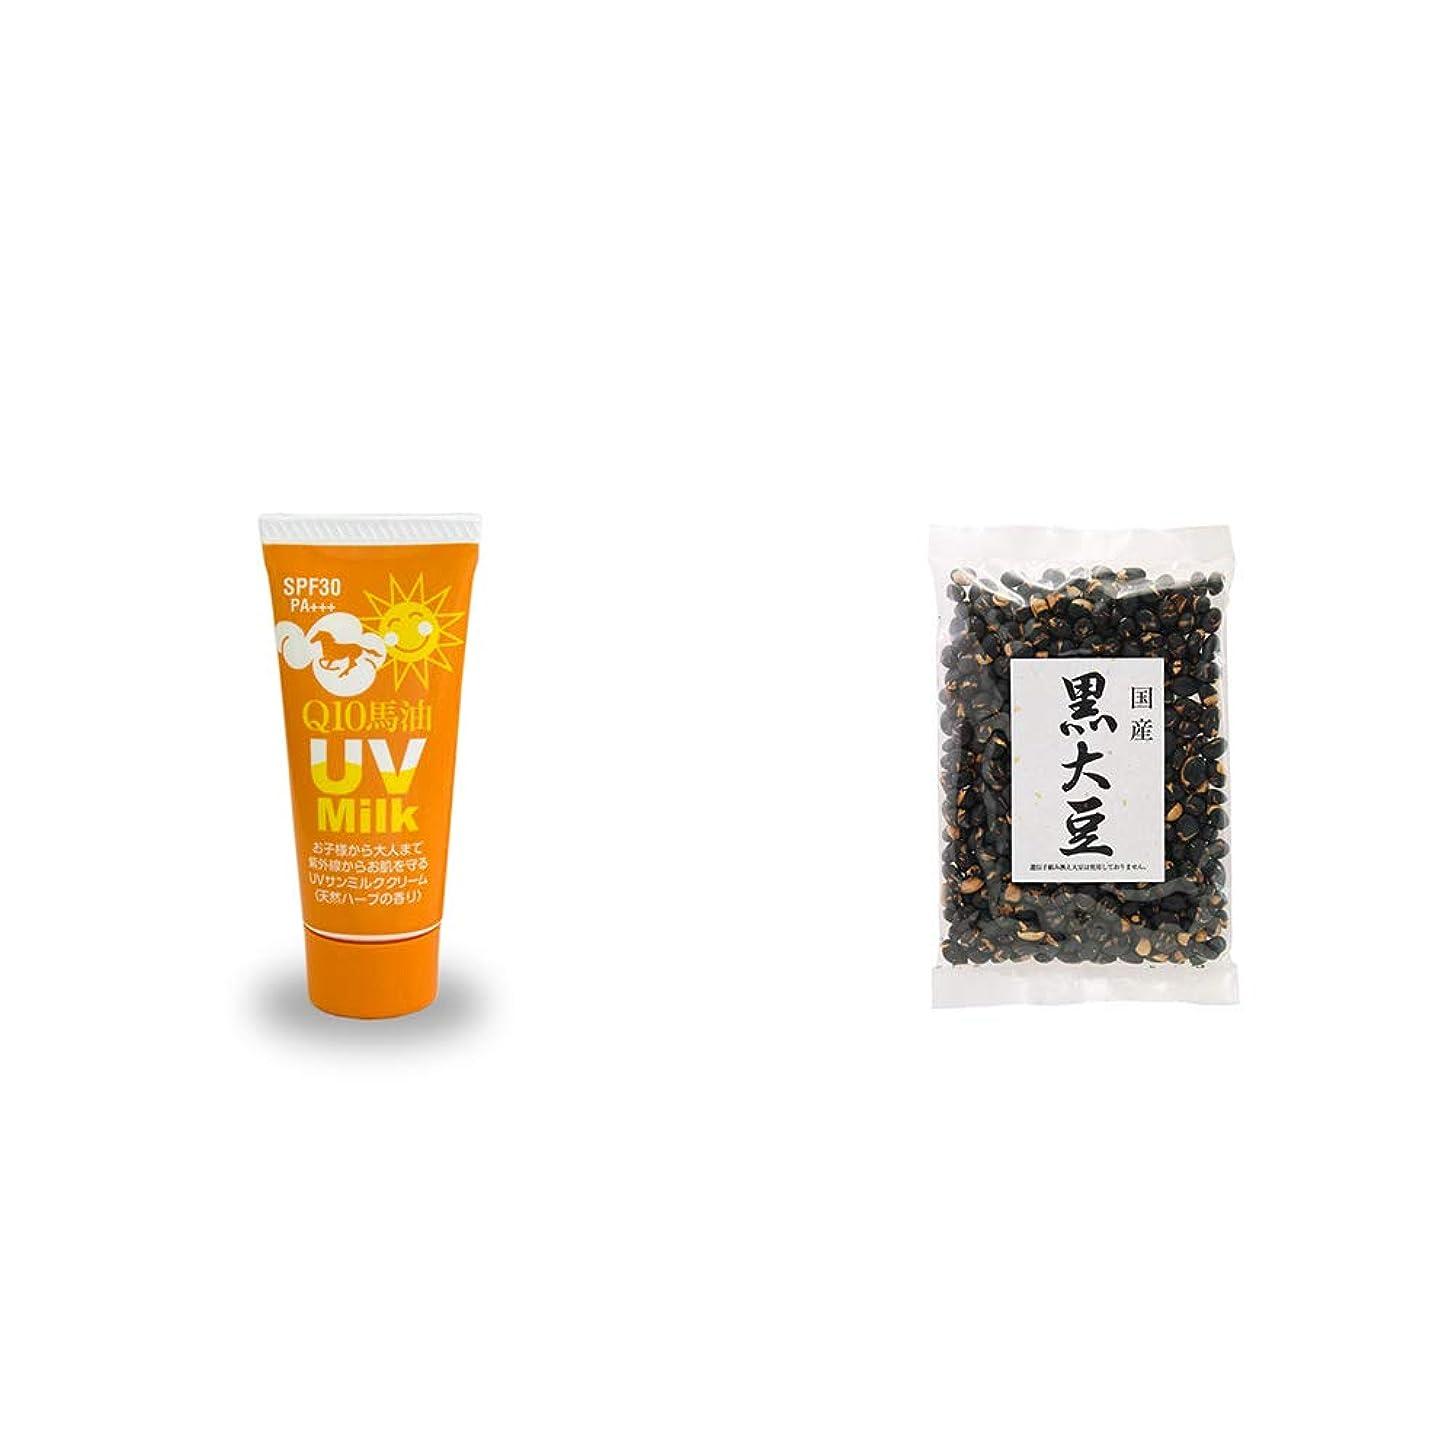 雰囲気老人準備[2点セット] 炭黒泉 Q10馬油 UVサンミルク[天然ハーブ](40g)?国産 黒大豆(140g)